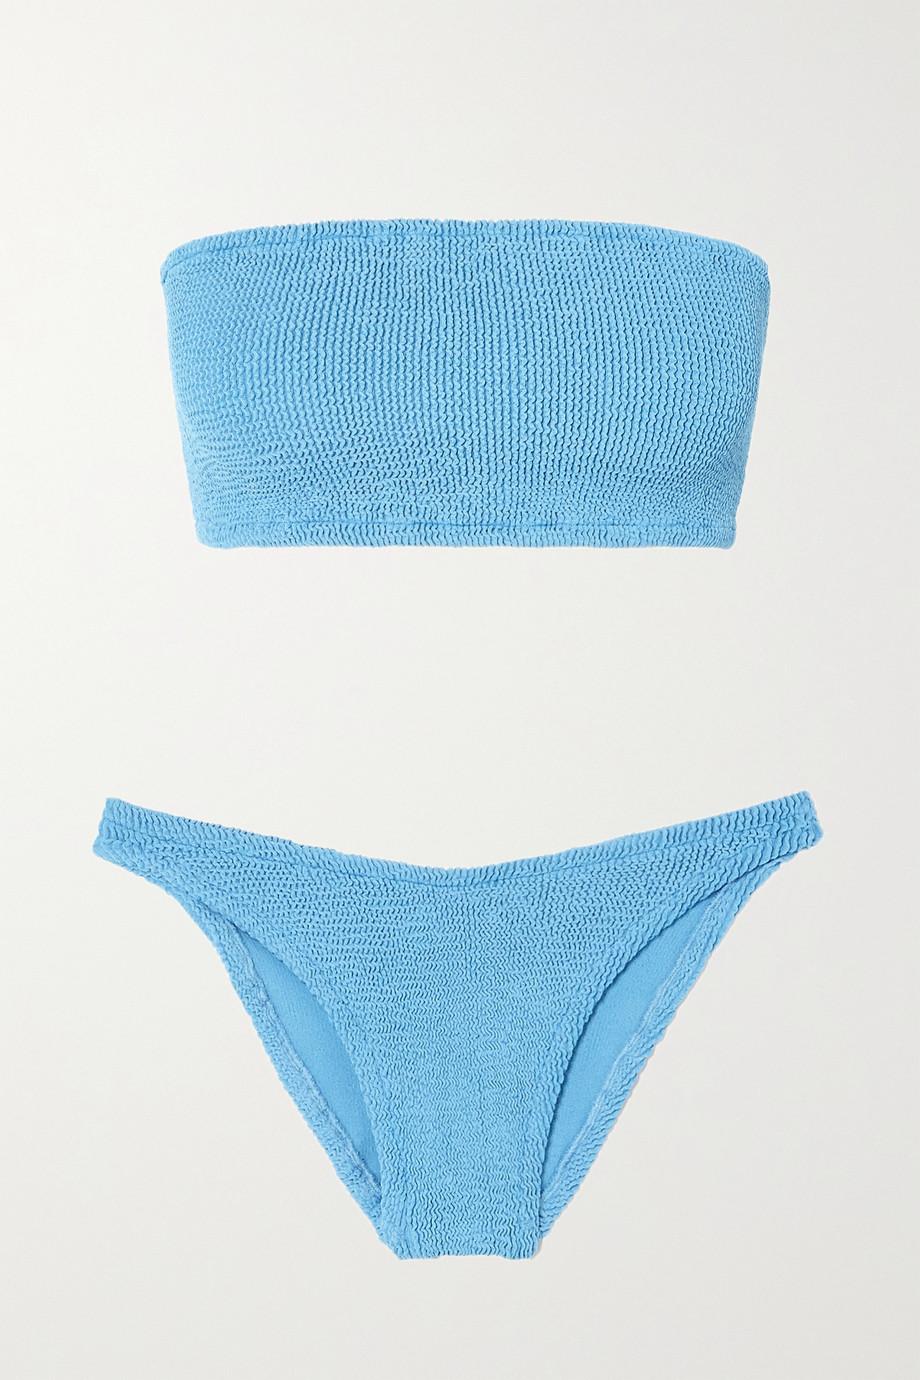 Hunza G + NET SUSTAIN Gabrielle Bandeau-Bikini aus Seersucker